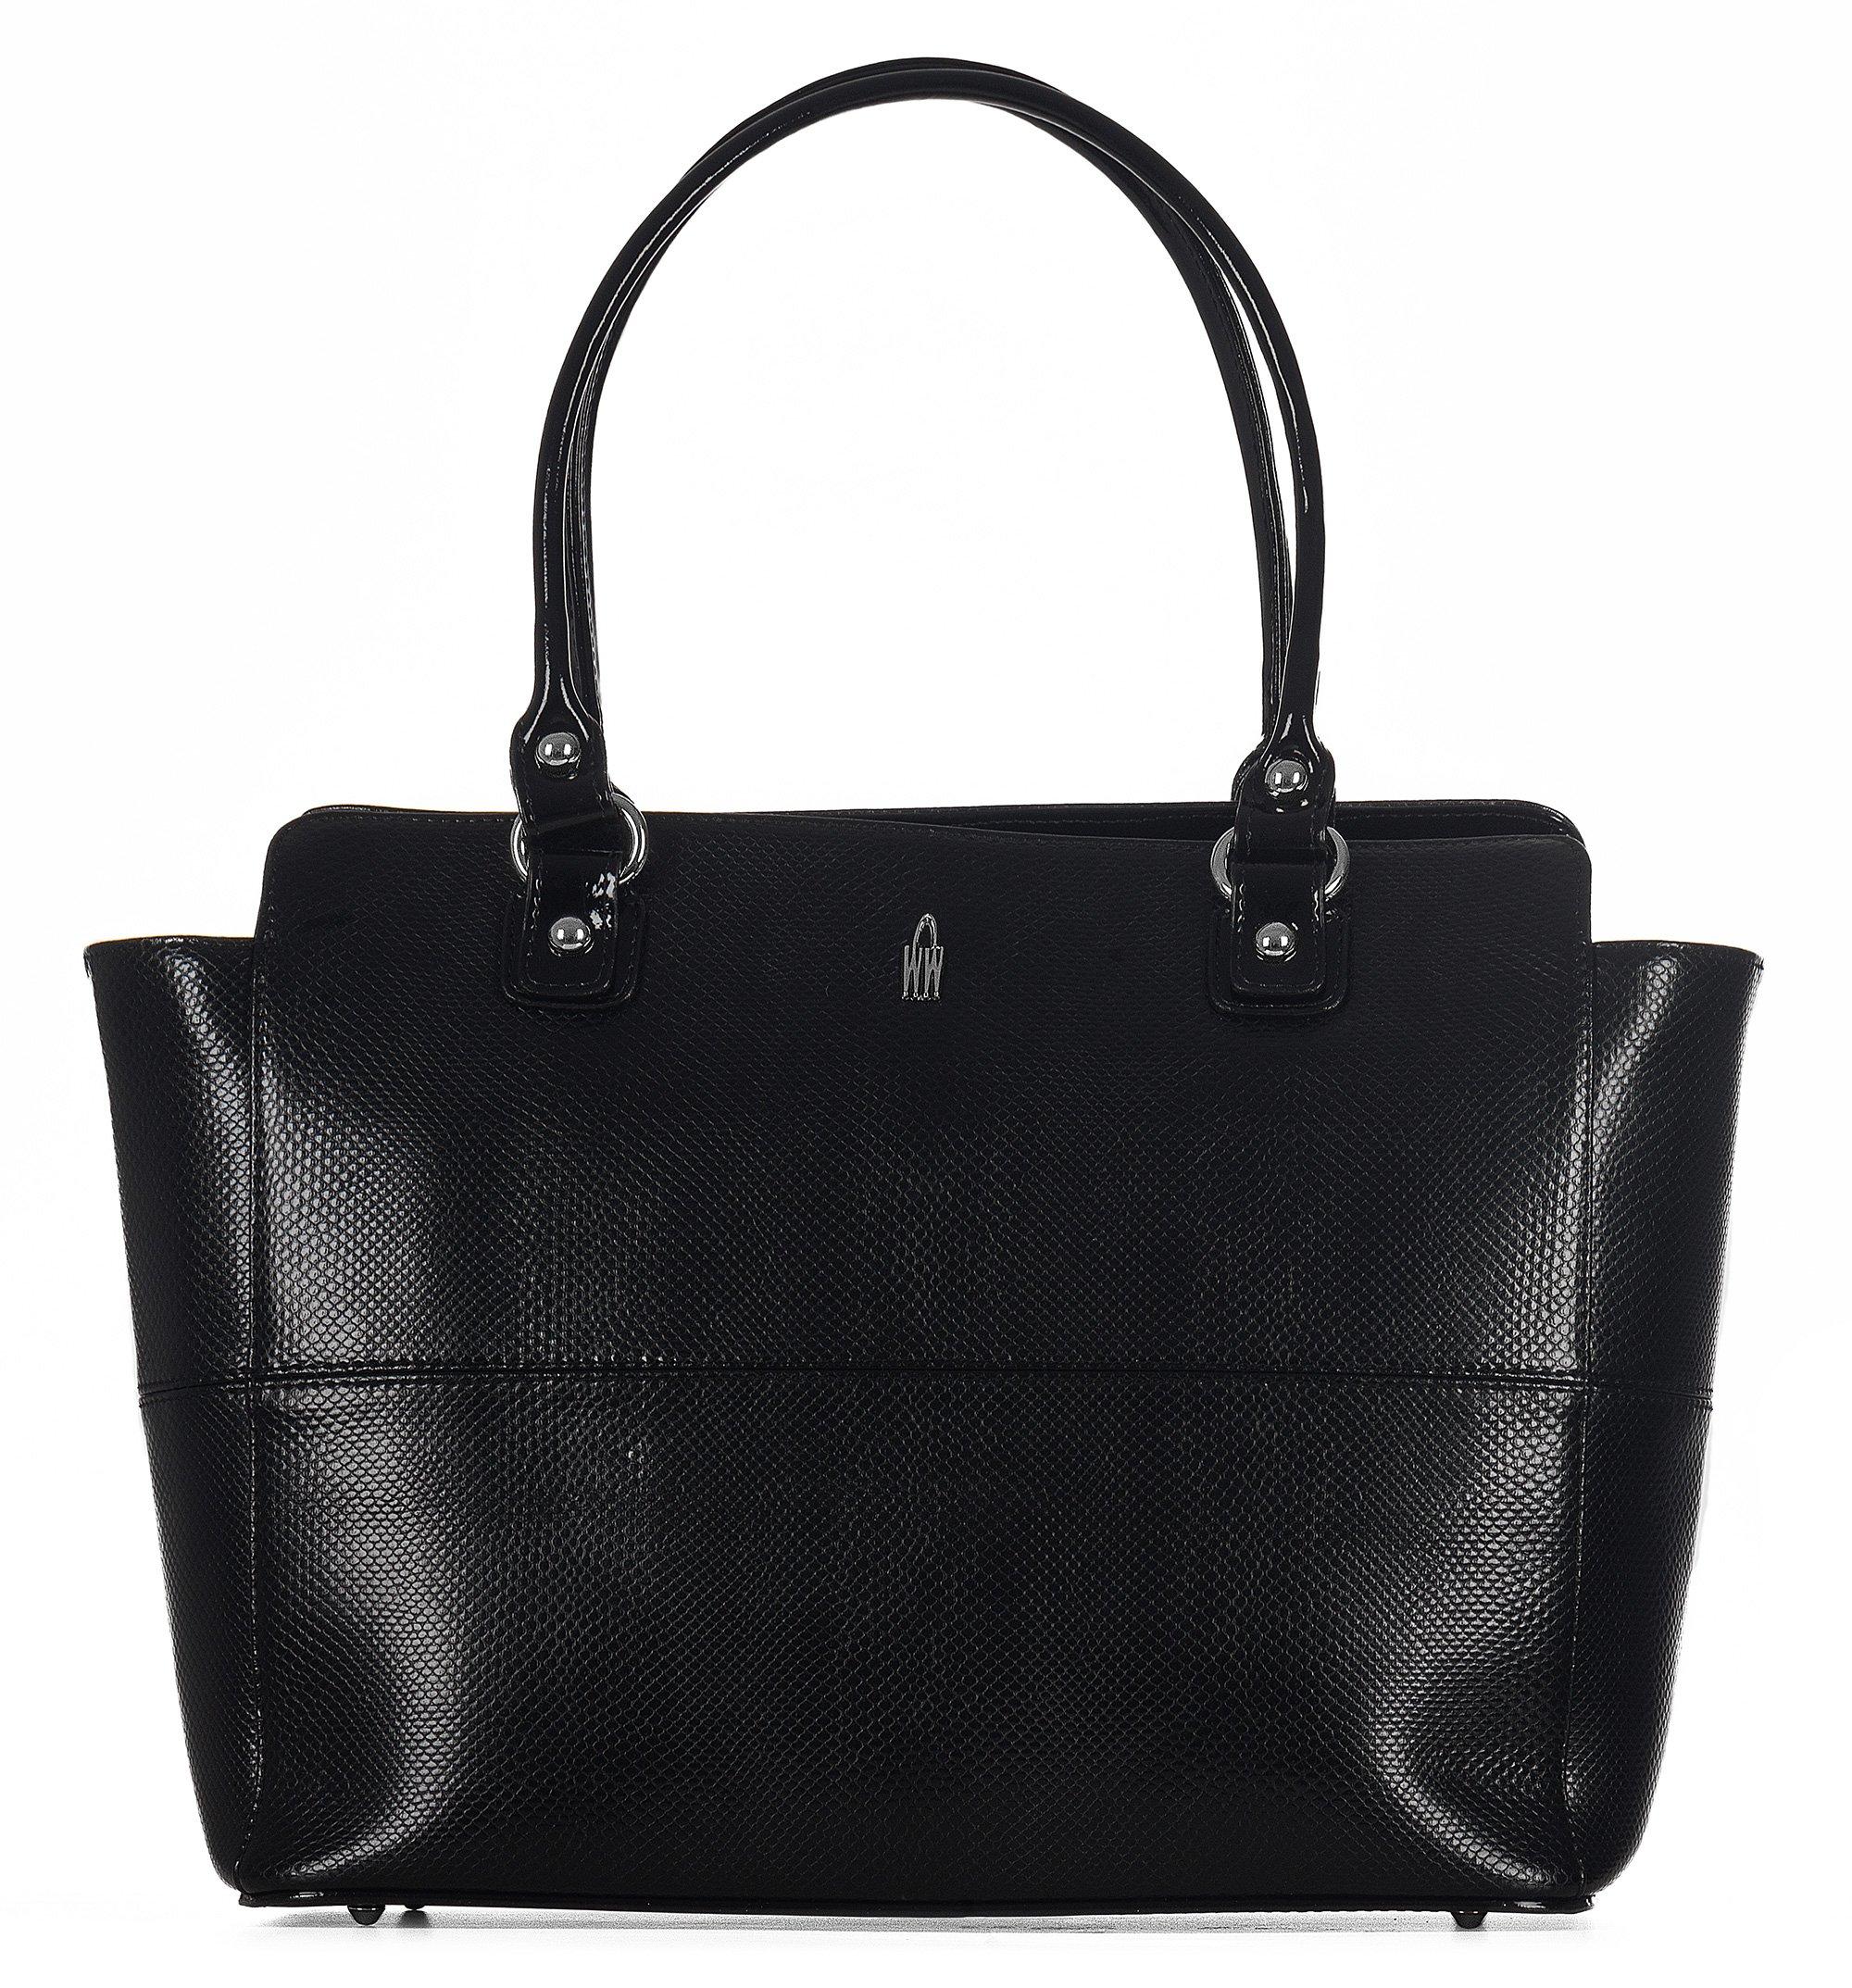 WOJEWODZIC Luxusní dámské kožené kabelky přes rameno 31516/PC01/PL01 černé